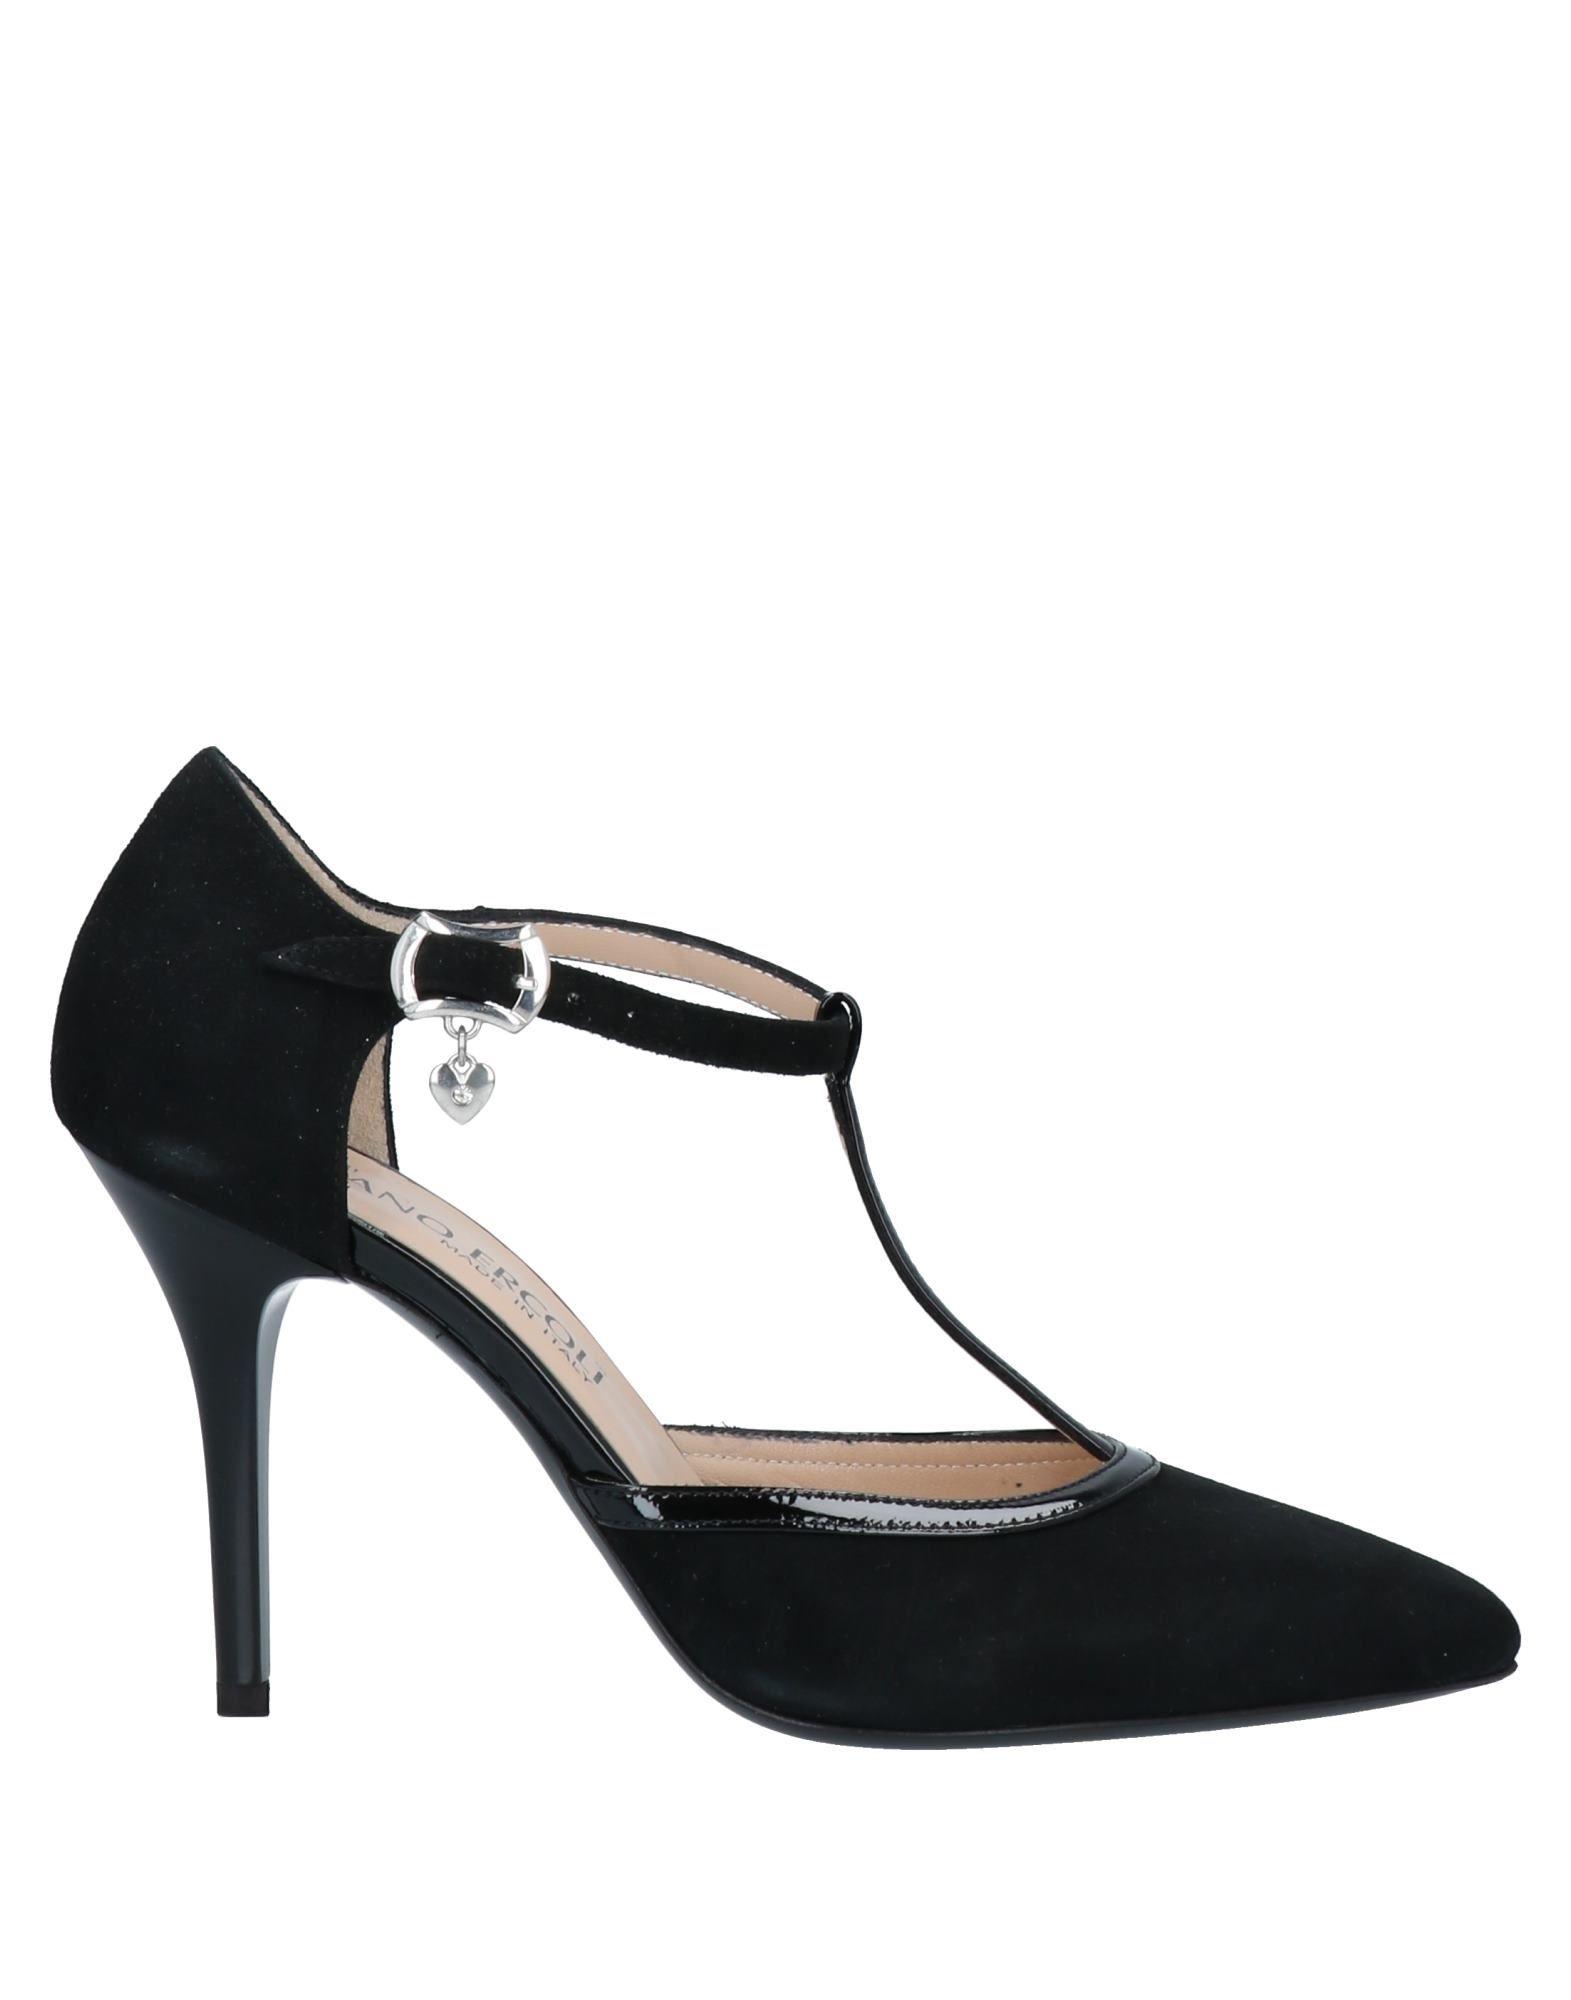 Flaviano Ercoli® Pumps In Black